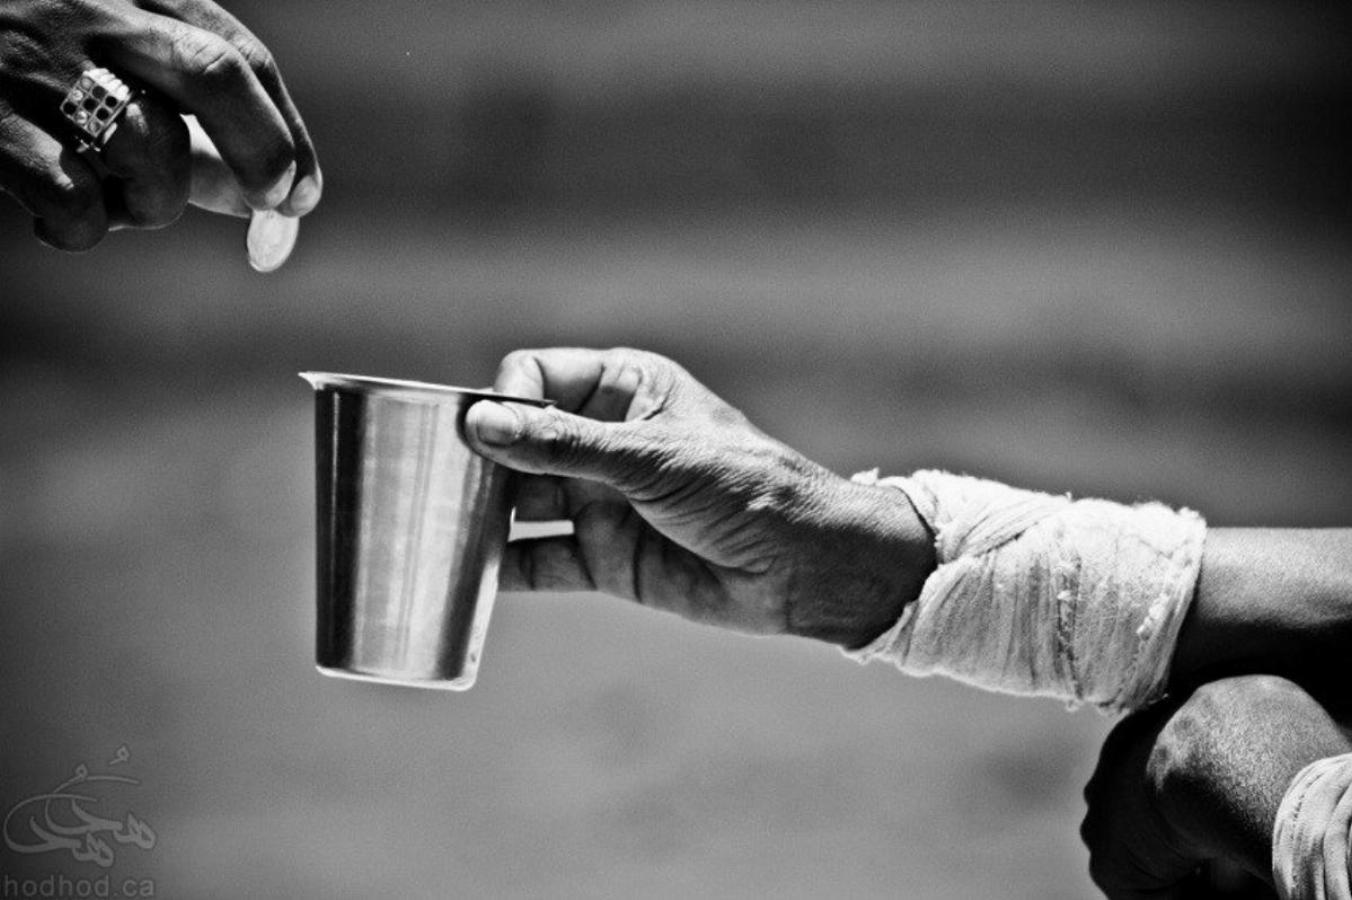 دستورالعمل جهانی توسعه پایدار: ریشه کنی فقر